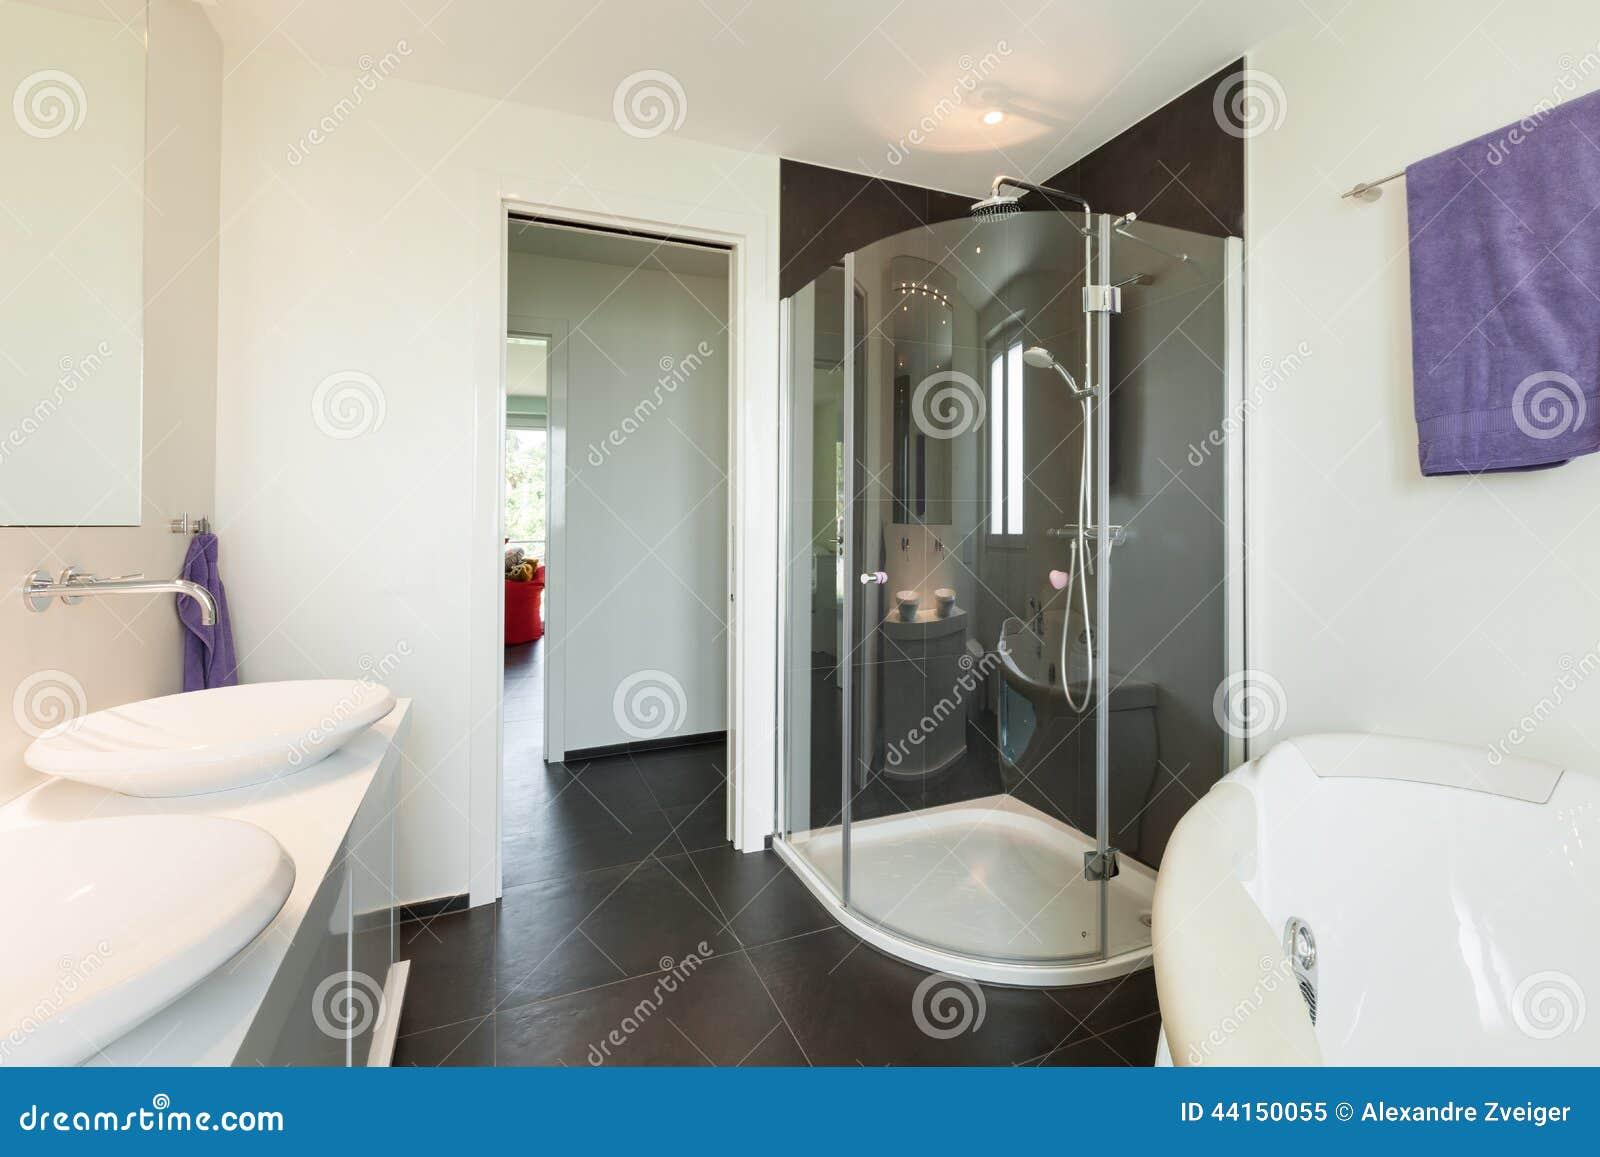 Casa Baño | Casa Moderna Interior Cuarto De Bano Imagen De Archivo Imagen De